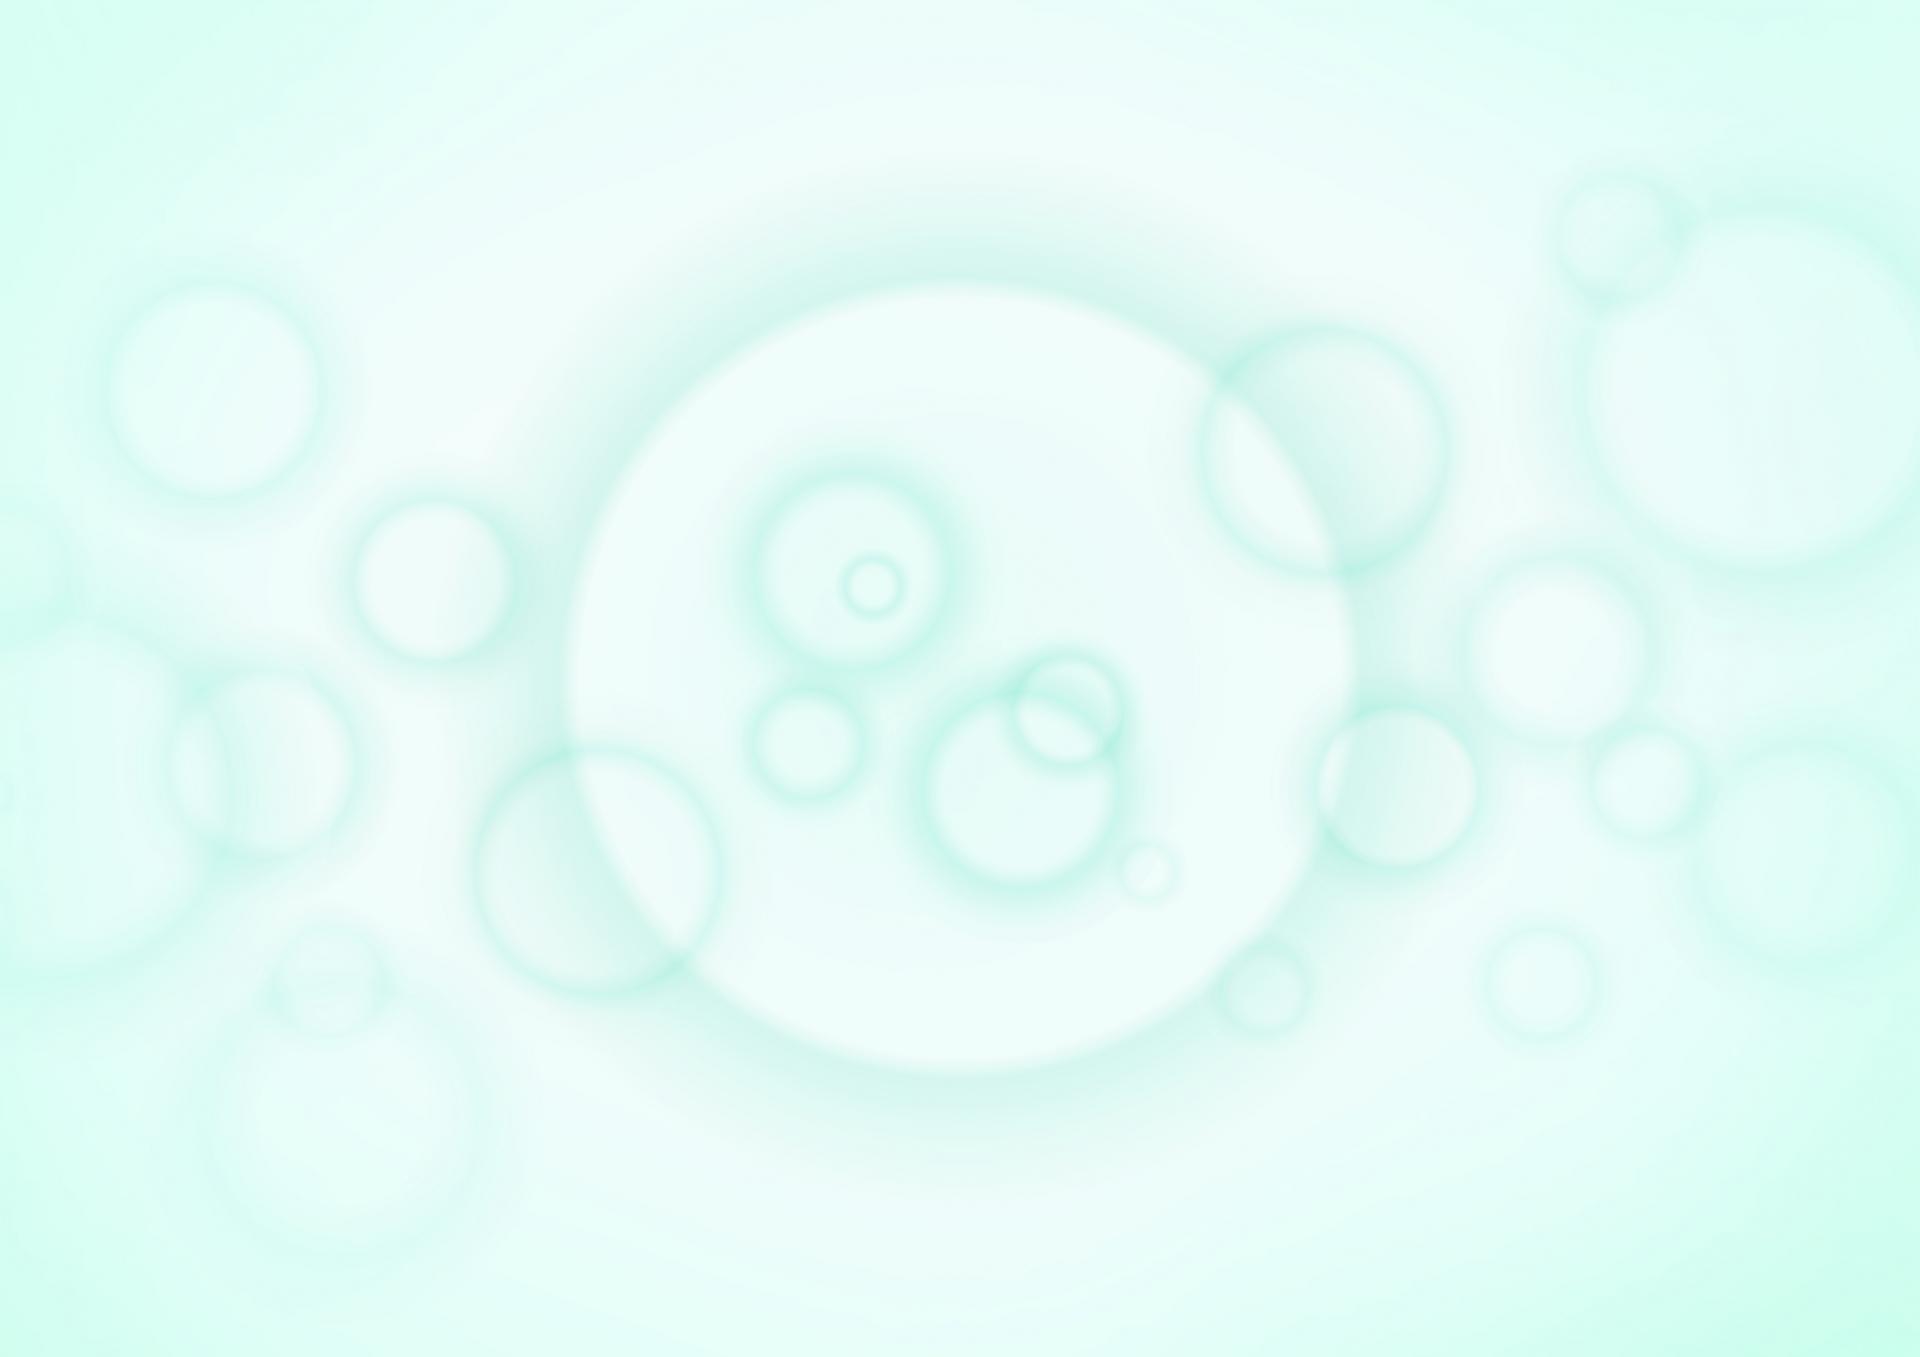 ヒト幹細胞とは一体どんなものなのでしょう?